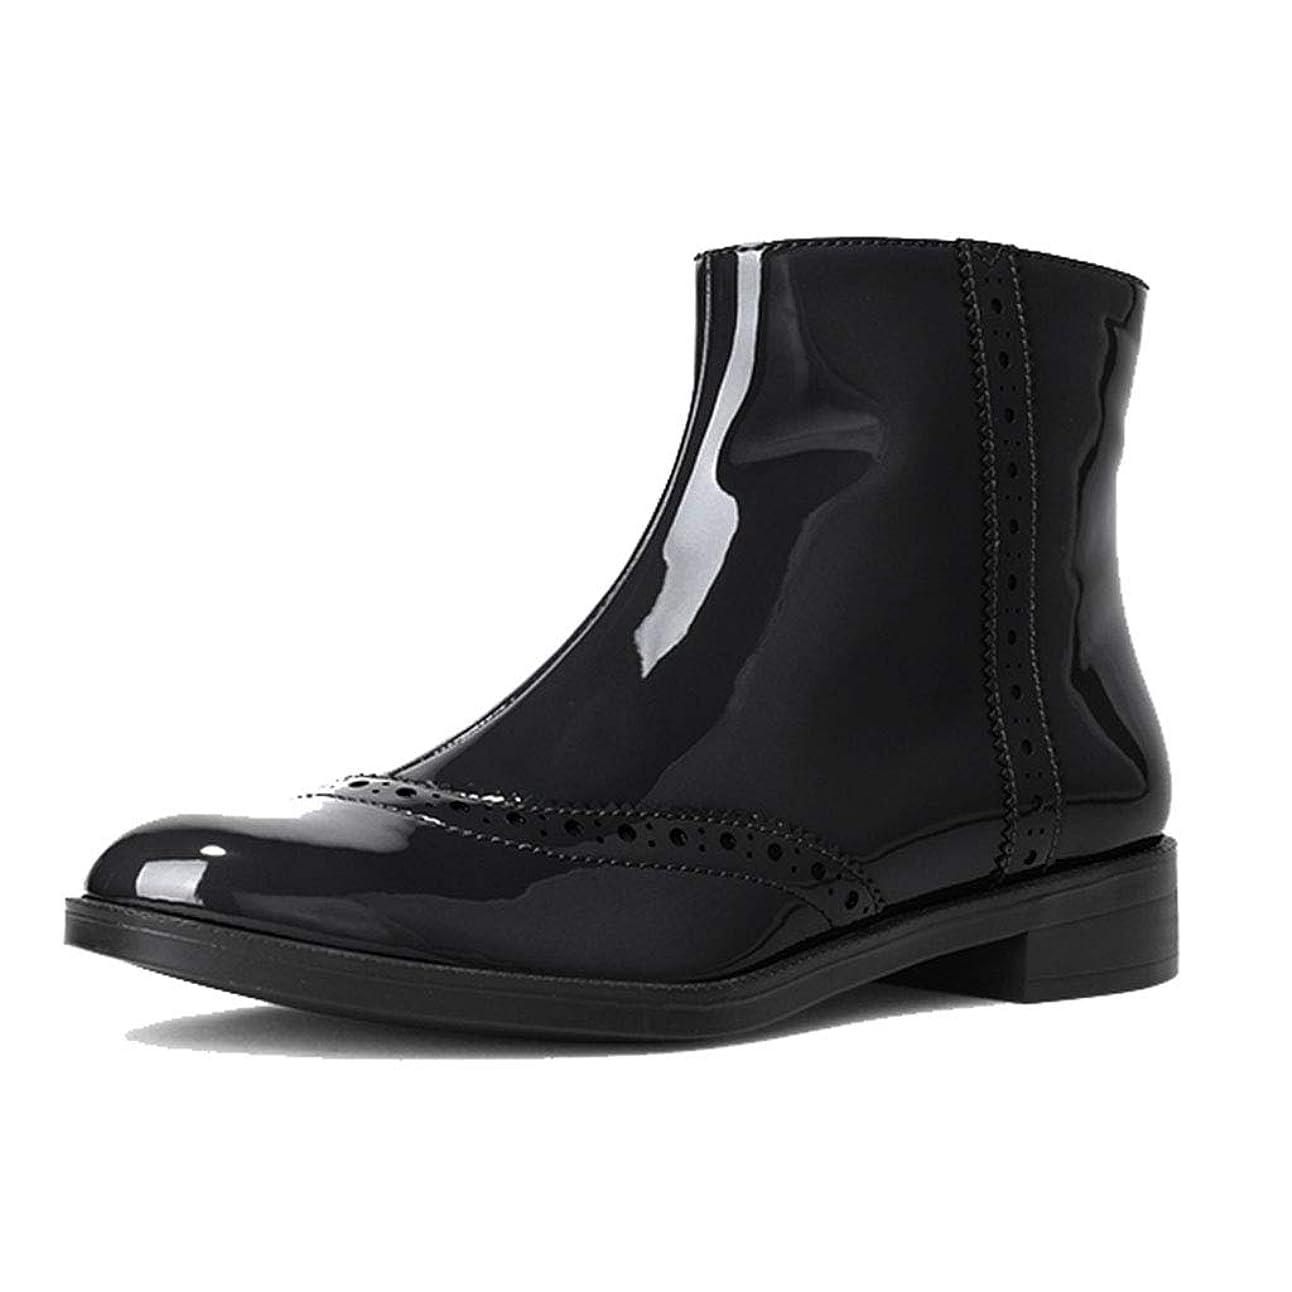 なぞらえるアレルギー性海レディースブーツ靴フラットブーティーマーティンブーツすべてのあなたの服に合うアンクルブーツ 安全?保護用品 (Color : Black, Size : 38)